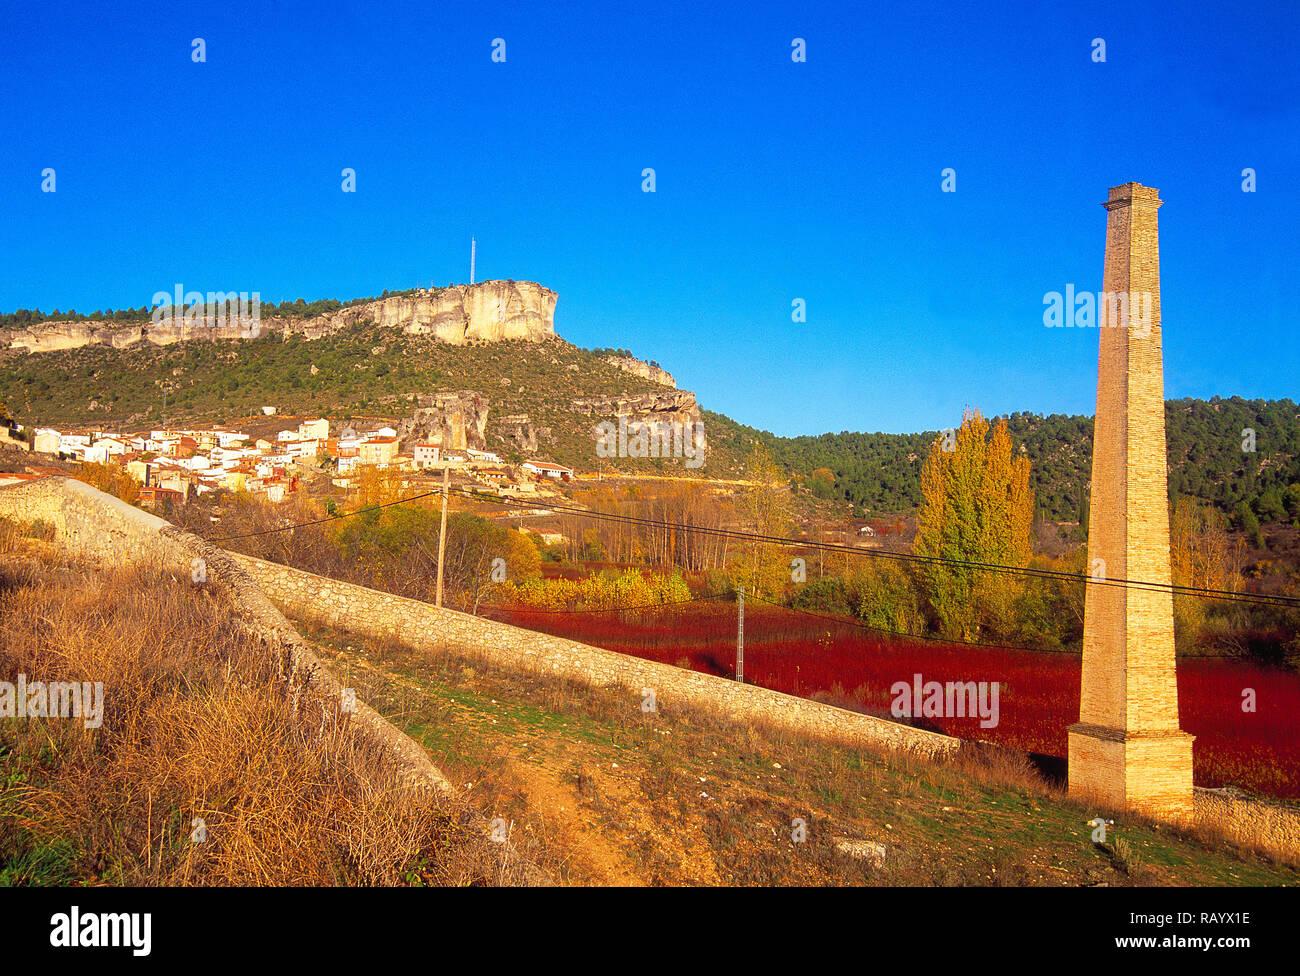 Wicker cultivation. Cañamares, Cuenca province, Castilla La Mancha, Spain. - Stock Image